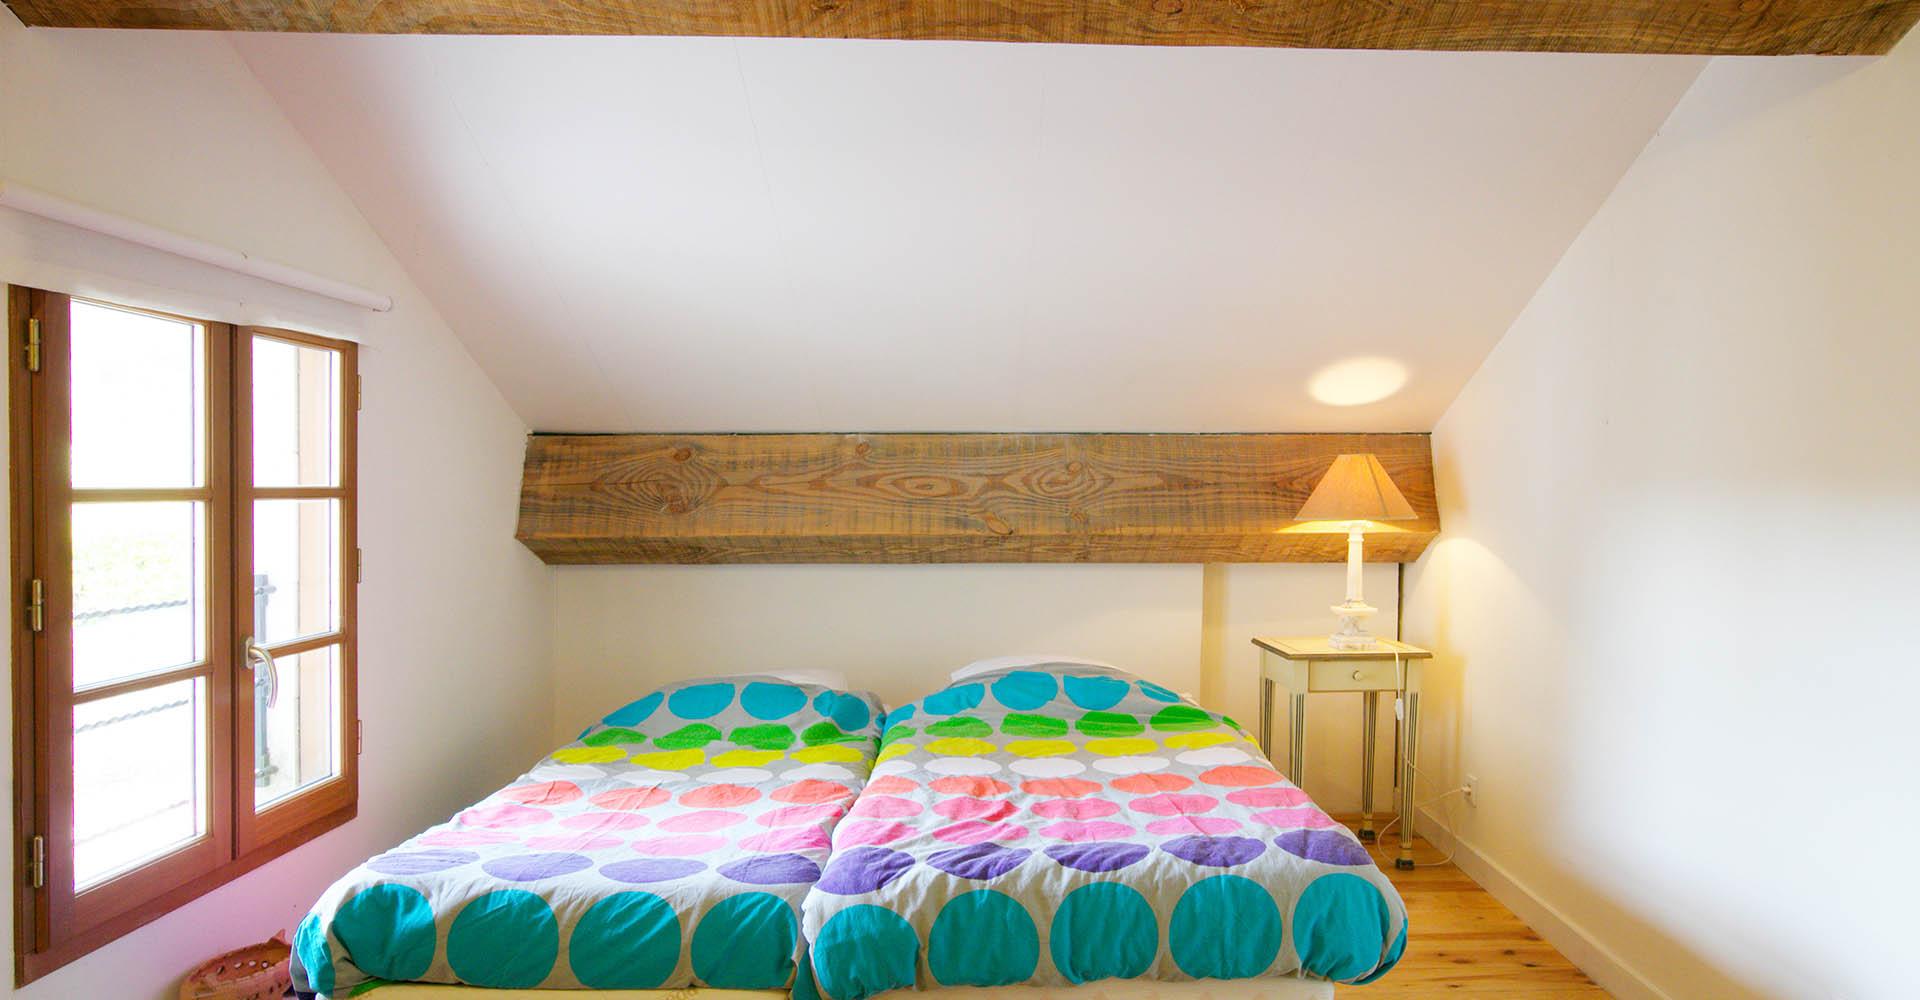 Domain-de-Bellac-Le-Cabriolet-slaapkamer   Domaine de Bellac